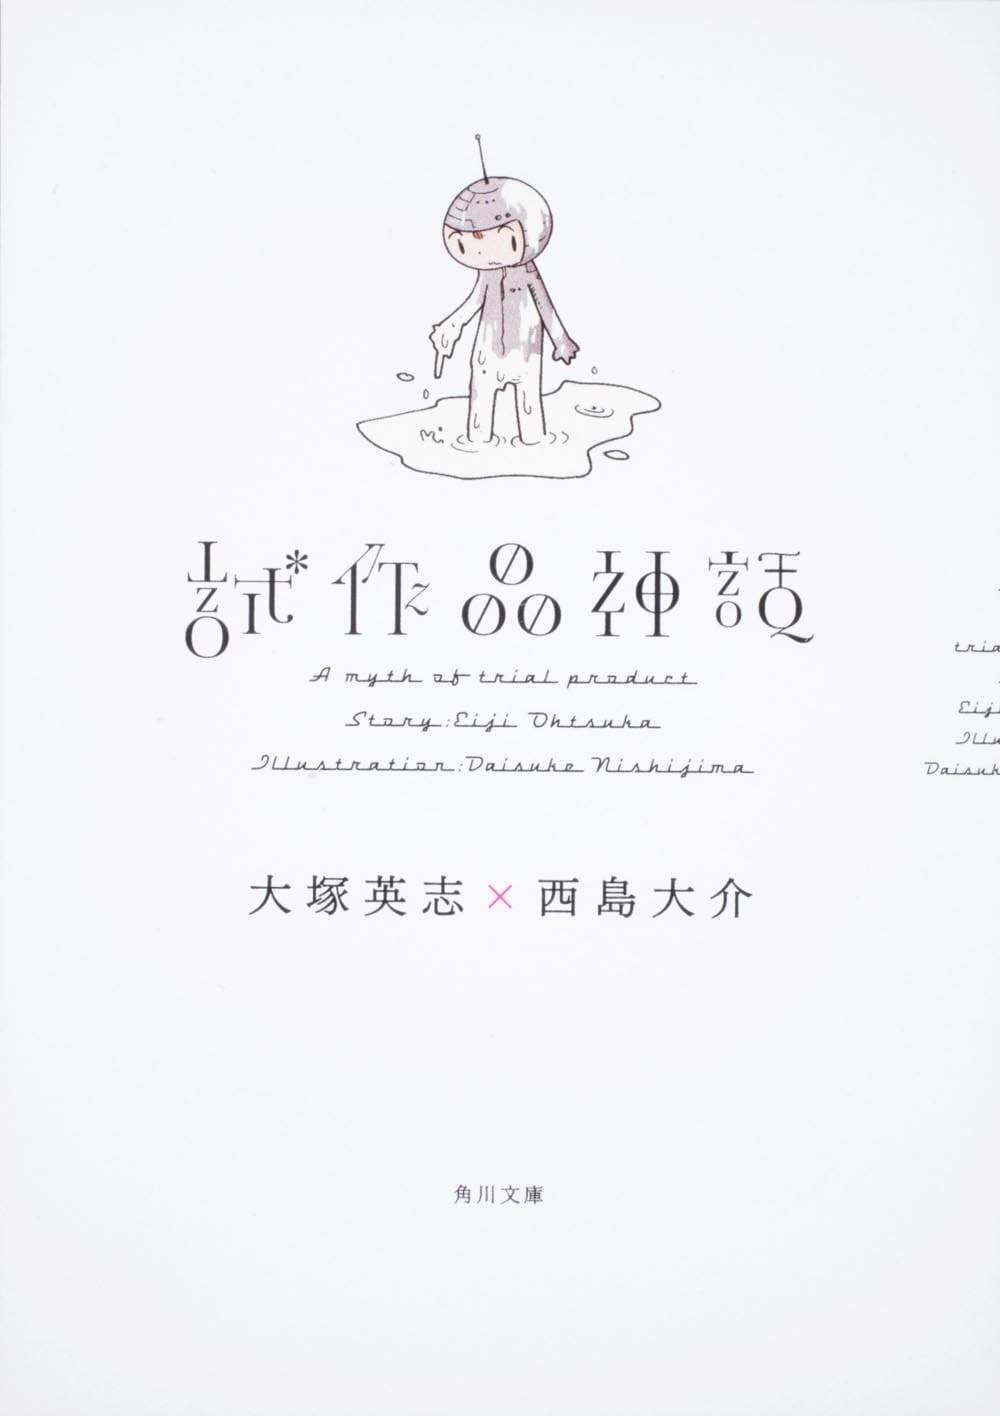 絵本「試作品神話」の表紙